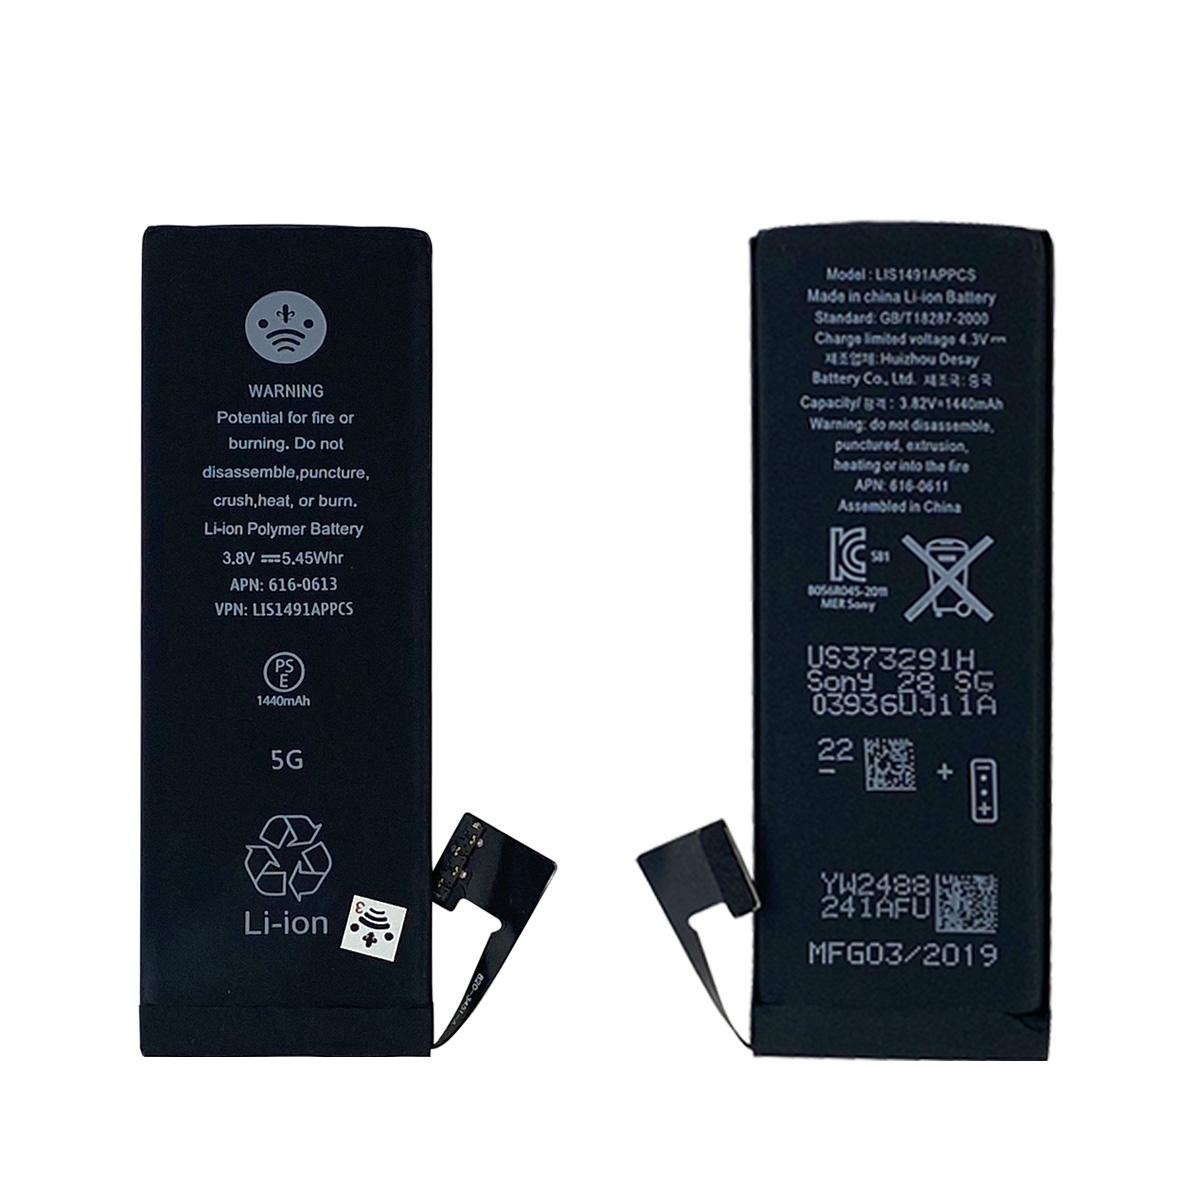 Bateria Apple iPhone 5G 1440 MAH